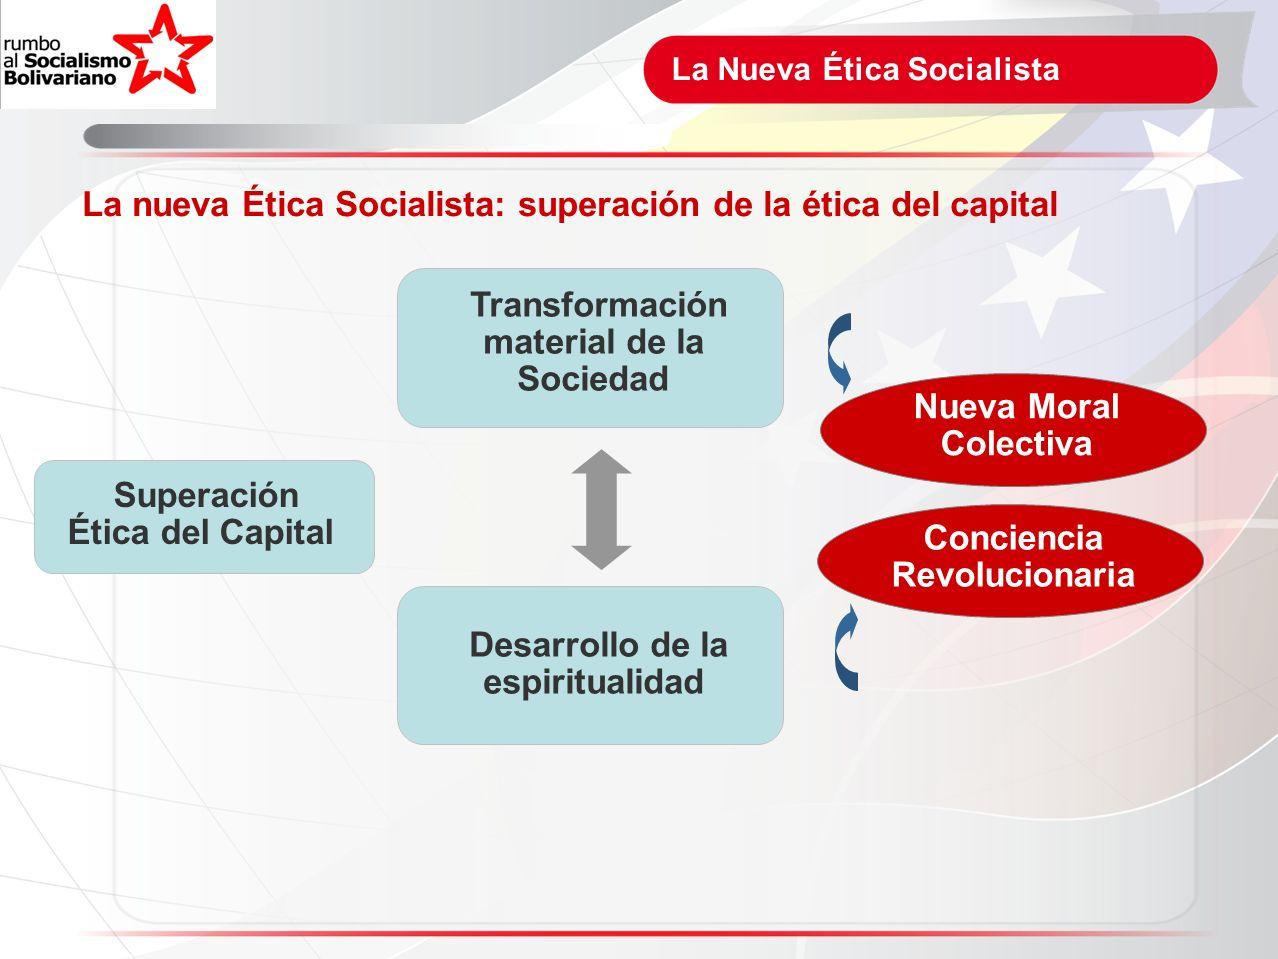 La nueva Ética Socialista: superación de la ética del capital